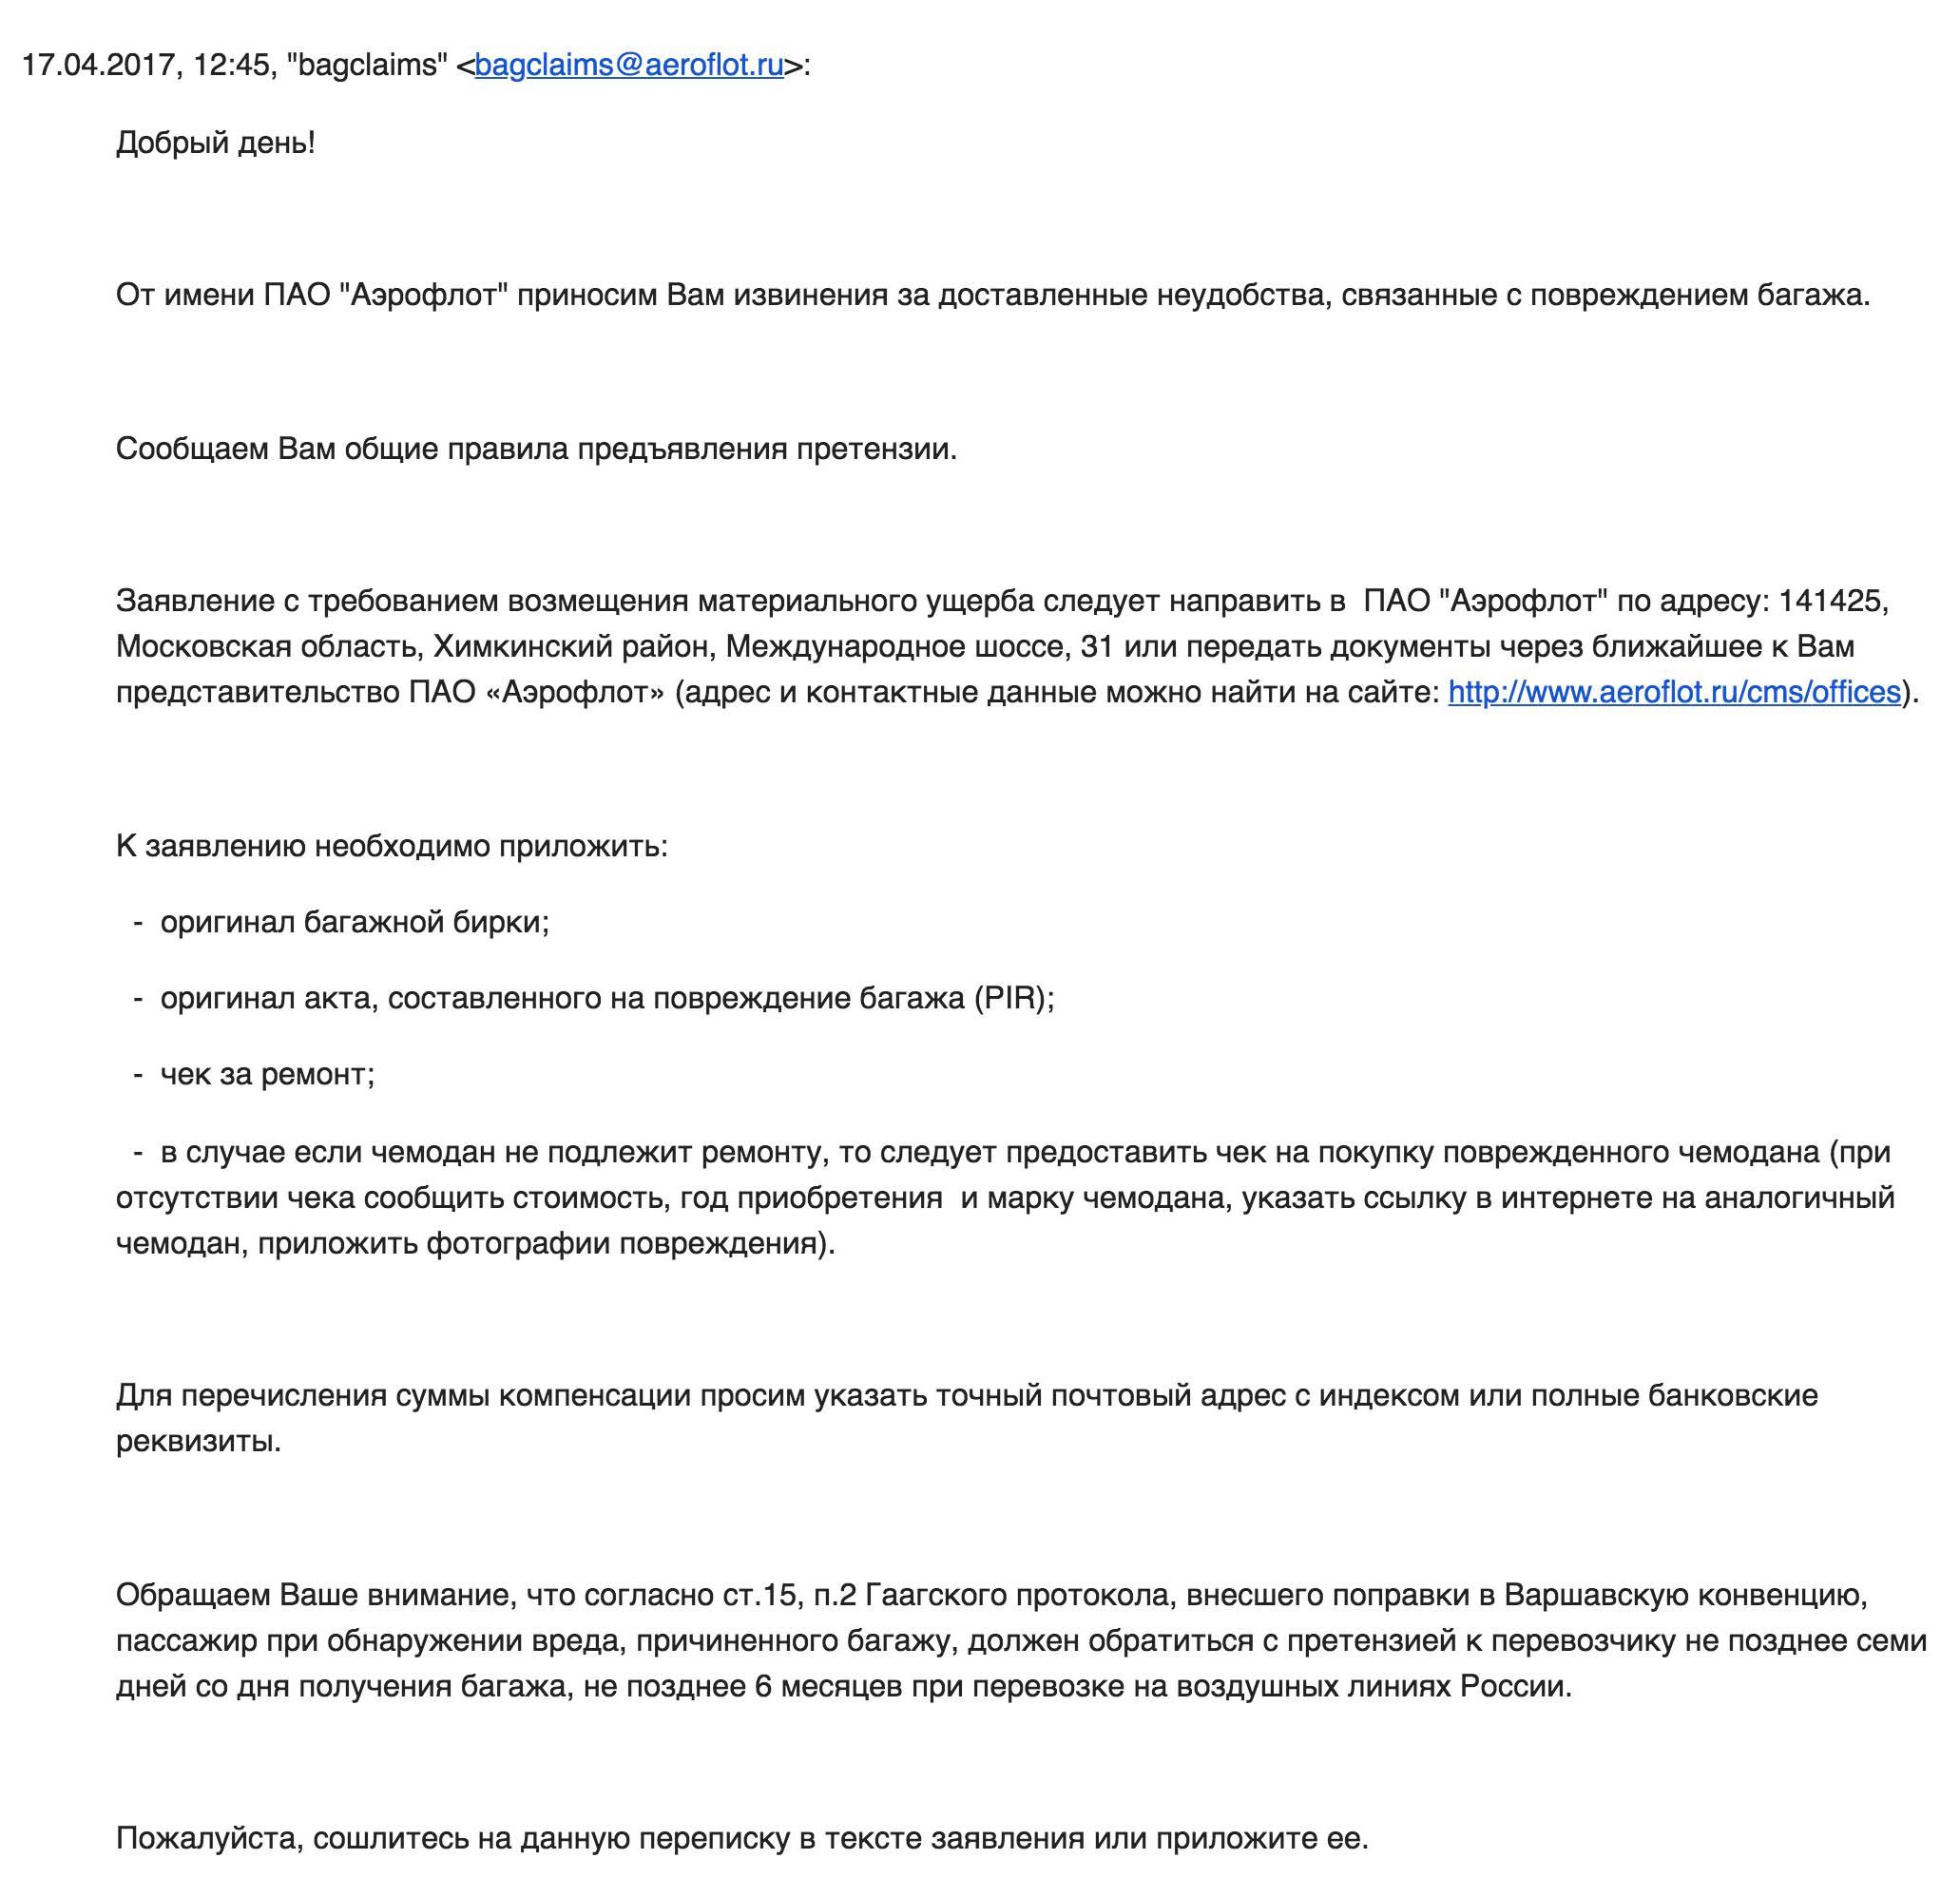 Письмо от представителя «Аэрофлота» о том, какие документы нужны, чтобы получить компенсацию